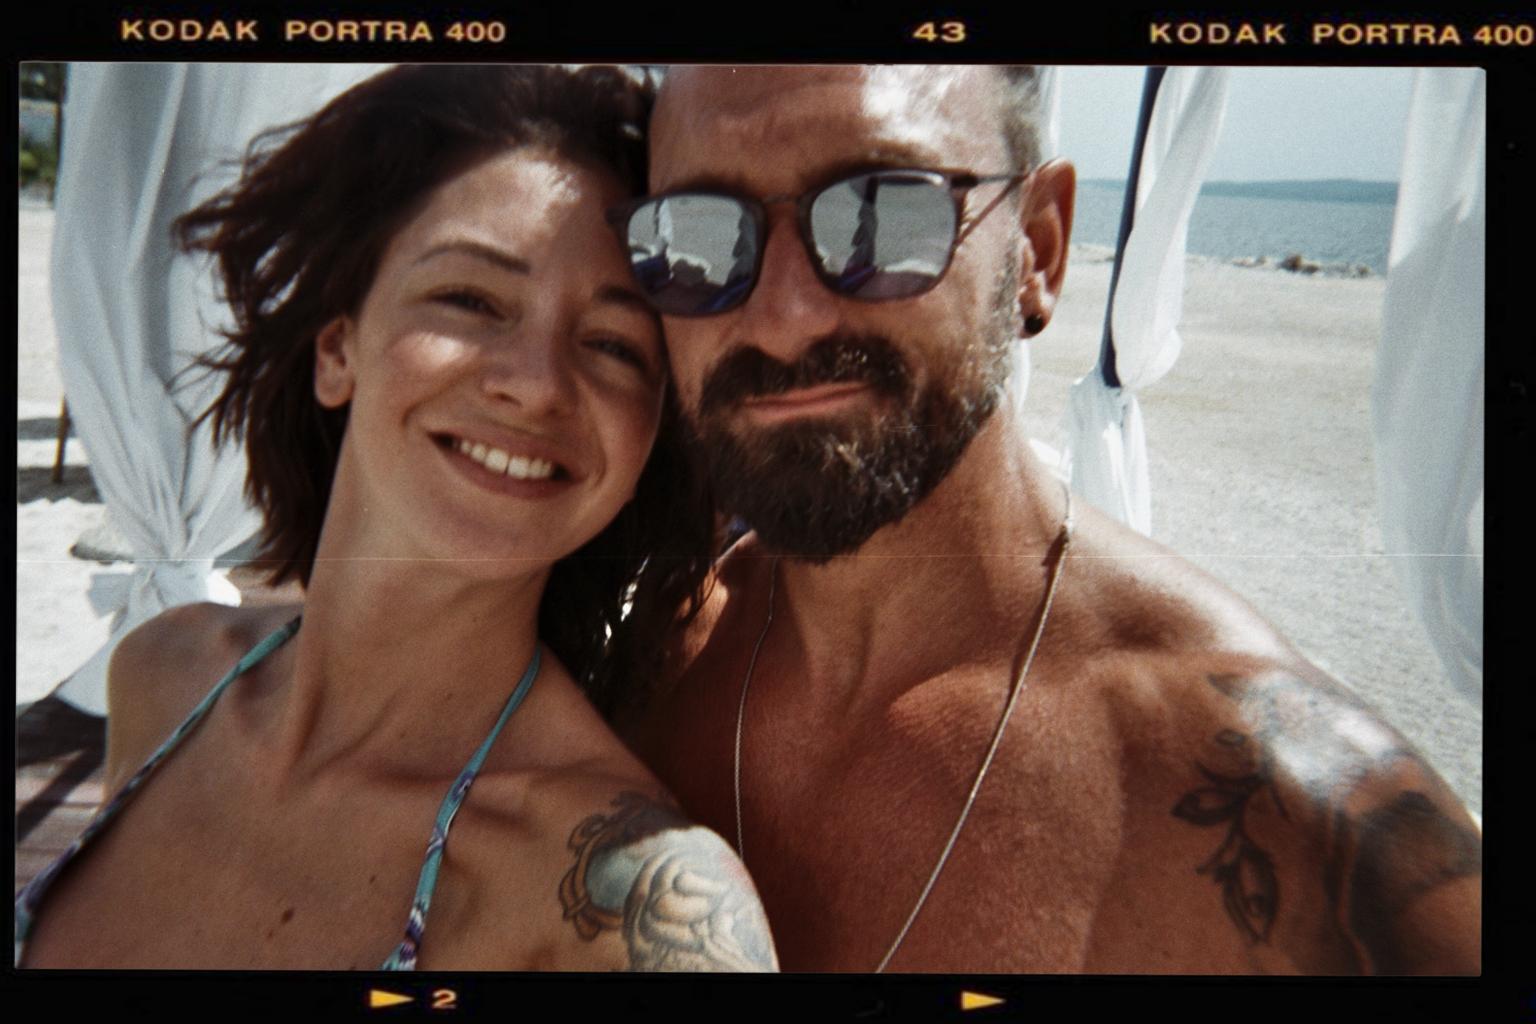 blogger-reisebericht-jasmin-kessler-denis-delic-reiseblogger-split-kroatien-2018-5